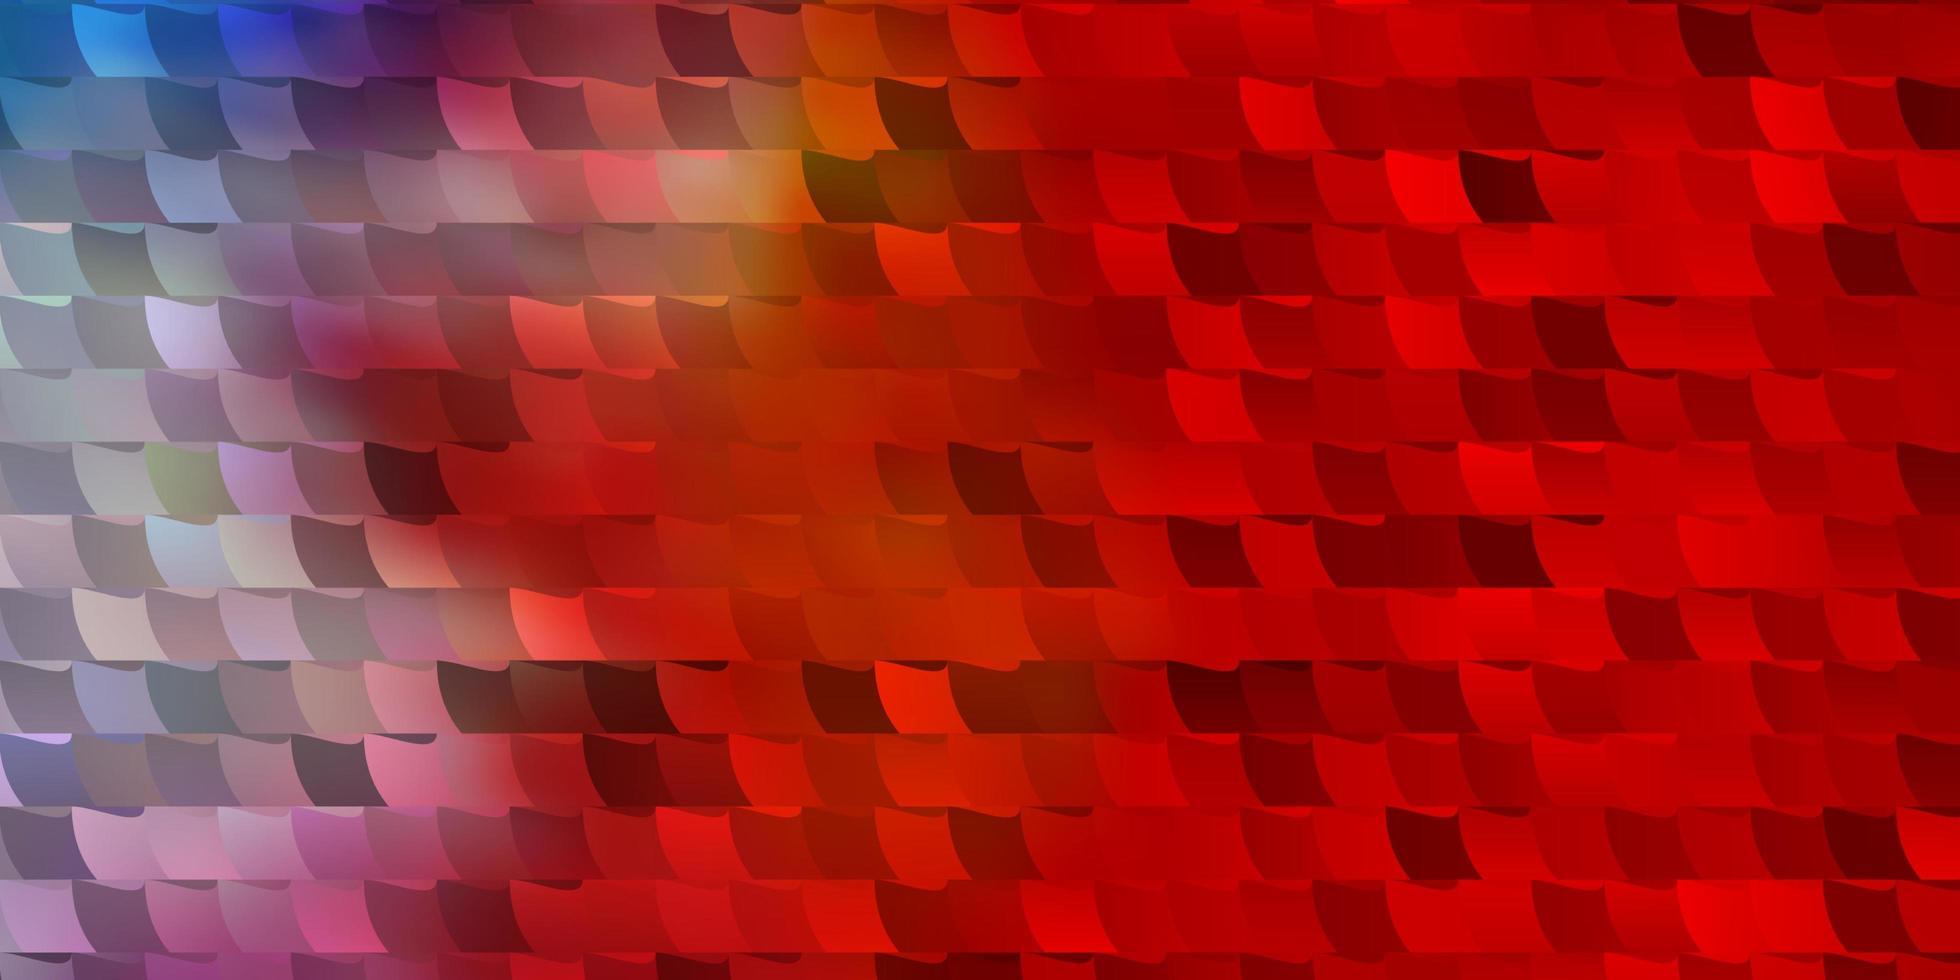 ljus flerfärgad vektormall med rektanglar. vektor